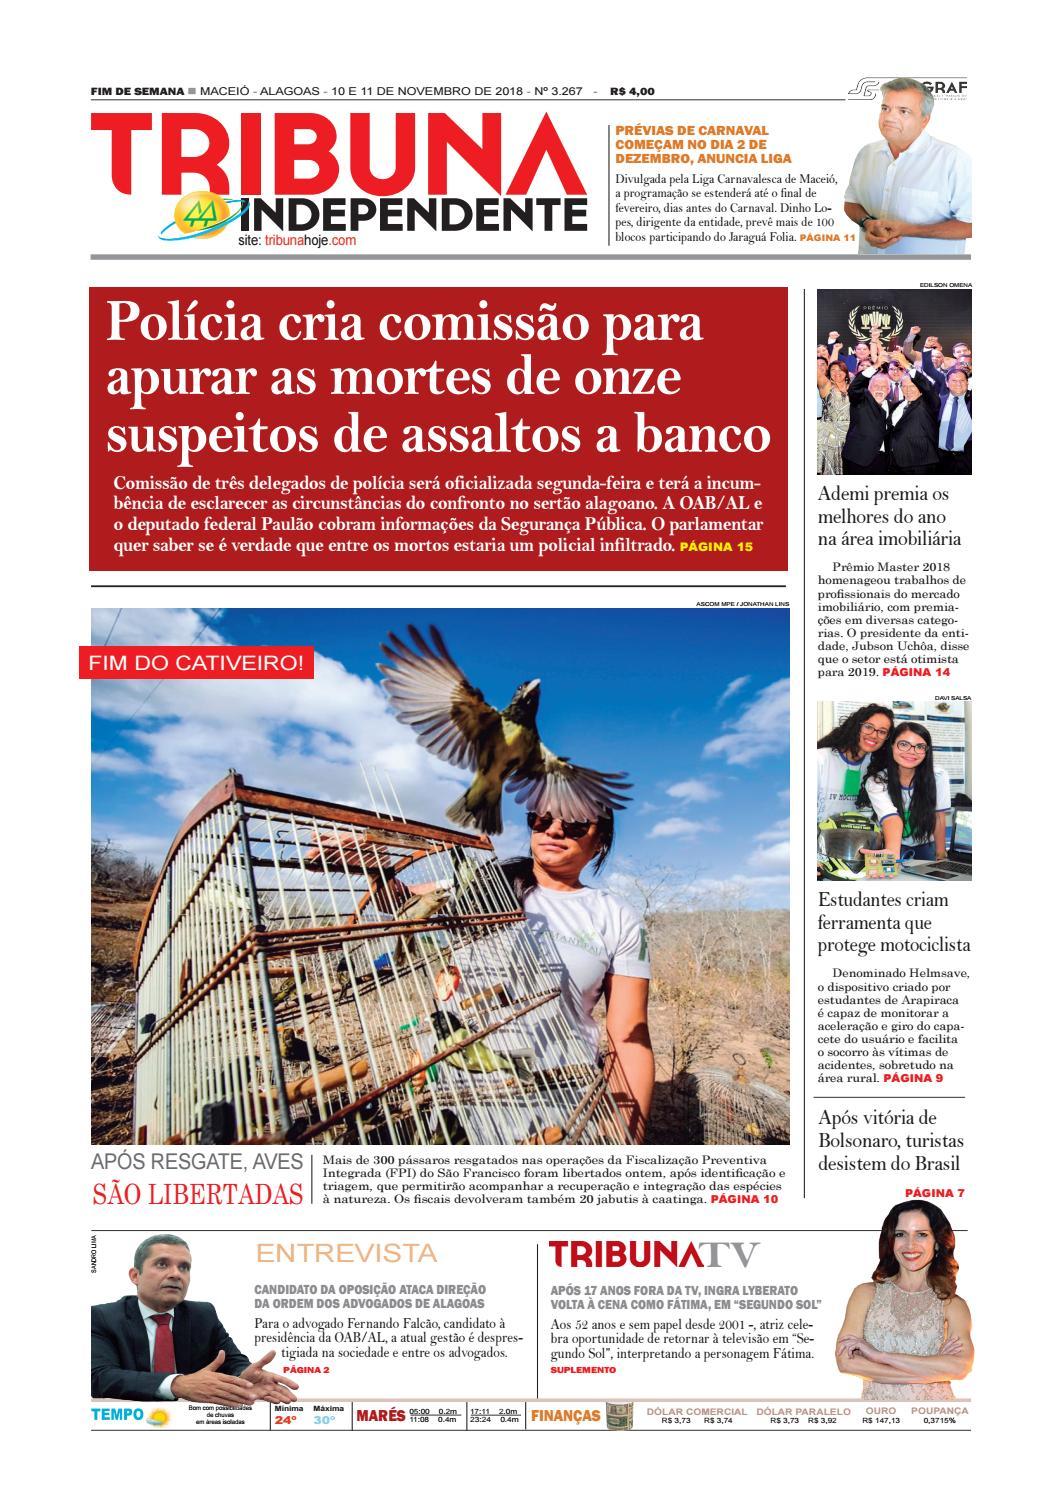 553ececf6 Edição número 3267 - 10 e 11 de novembro de 2018 by Tribuna Hoje - issuu